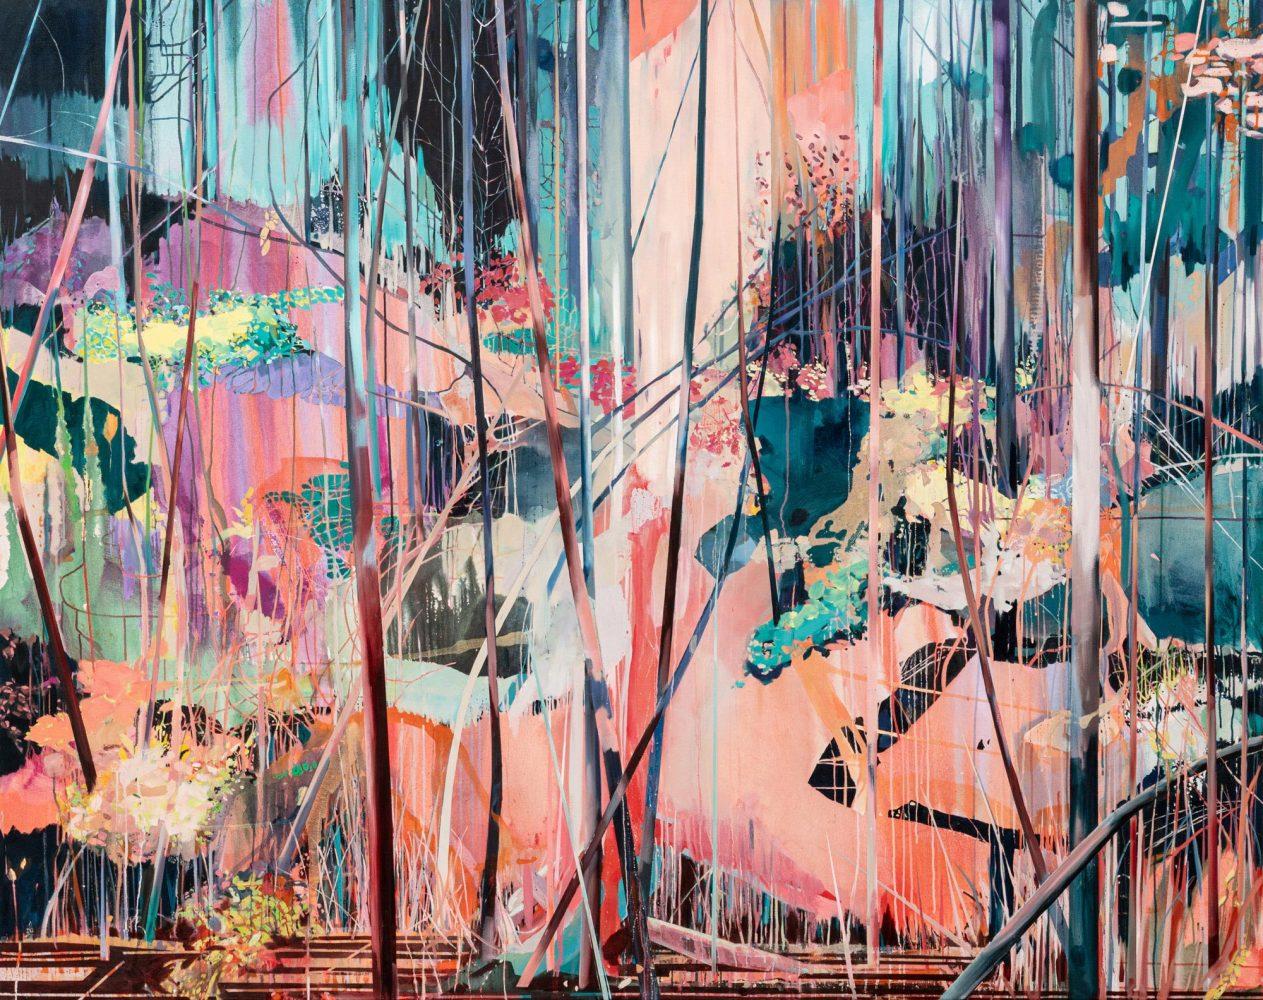 Theresa Möller - Entanglements - 2020 - Acryl and oil on canvas - 190x250cm